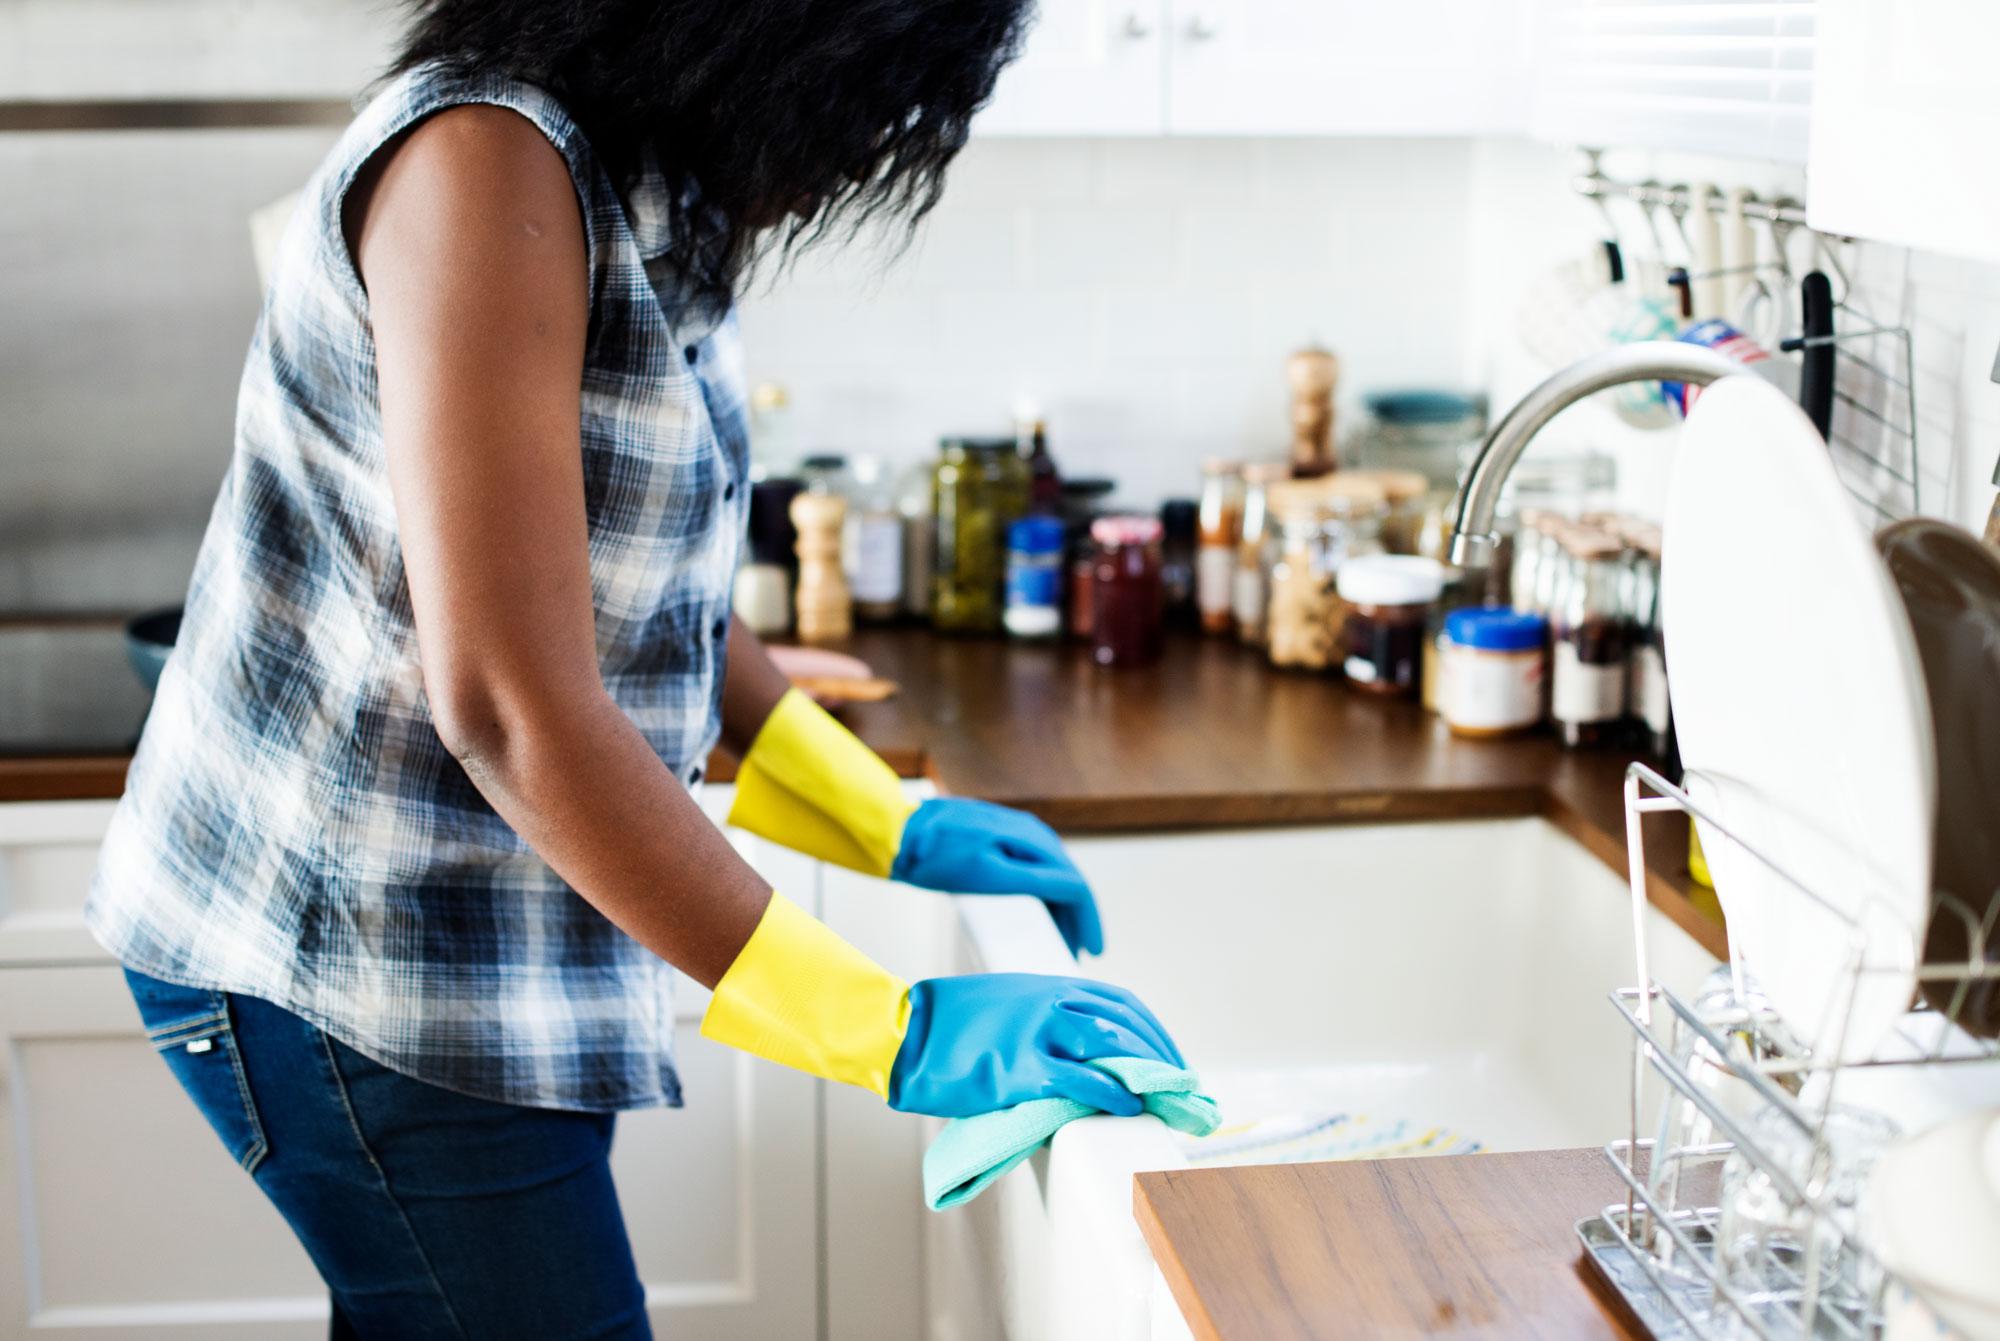 Les 4 choses à savoir avant de choisir votre femme de ménage